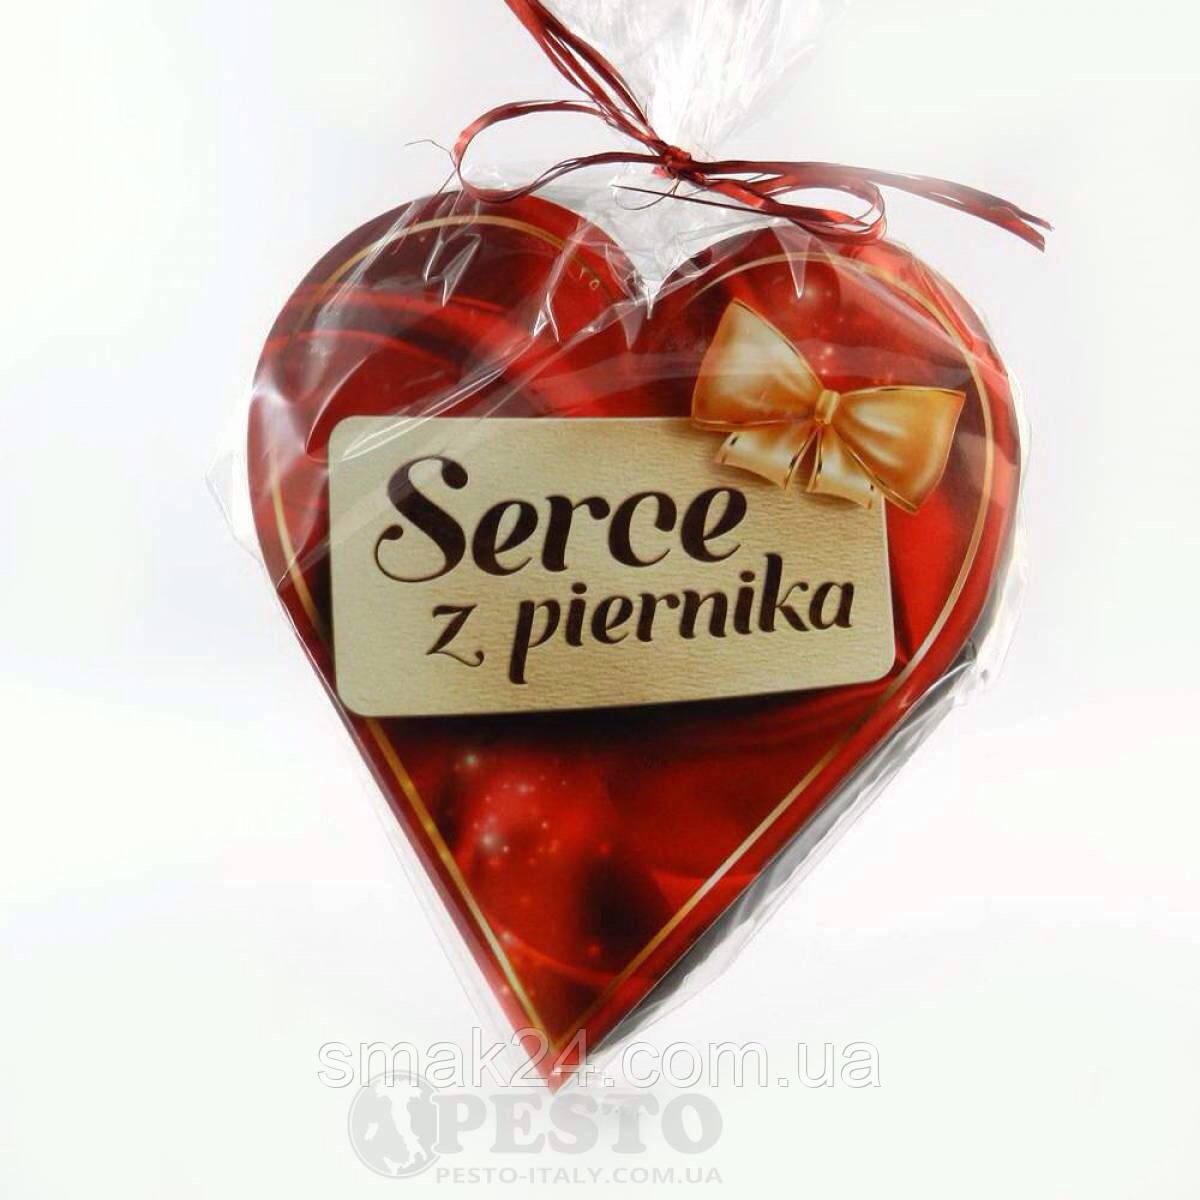 Пряник в шоколаде Сердце Serce z piernika   90 г